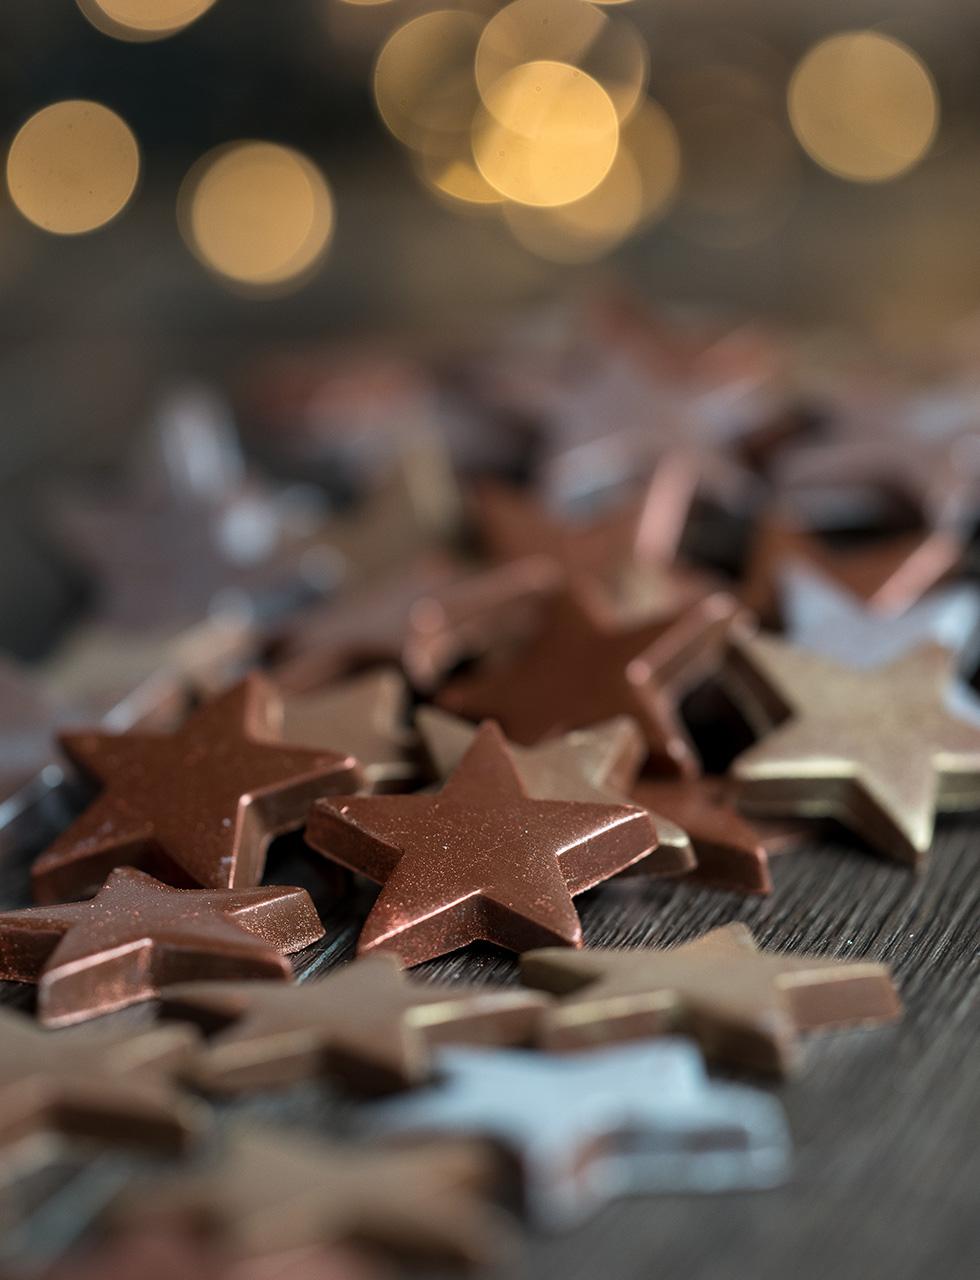 Estrelas Chocolate ao leite cod 1704 - bag presente 200 g - R$ 62